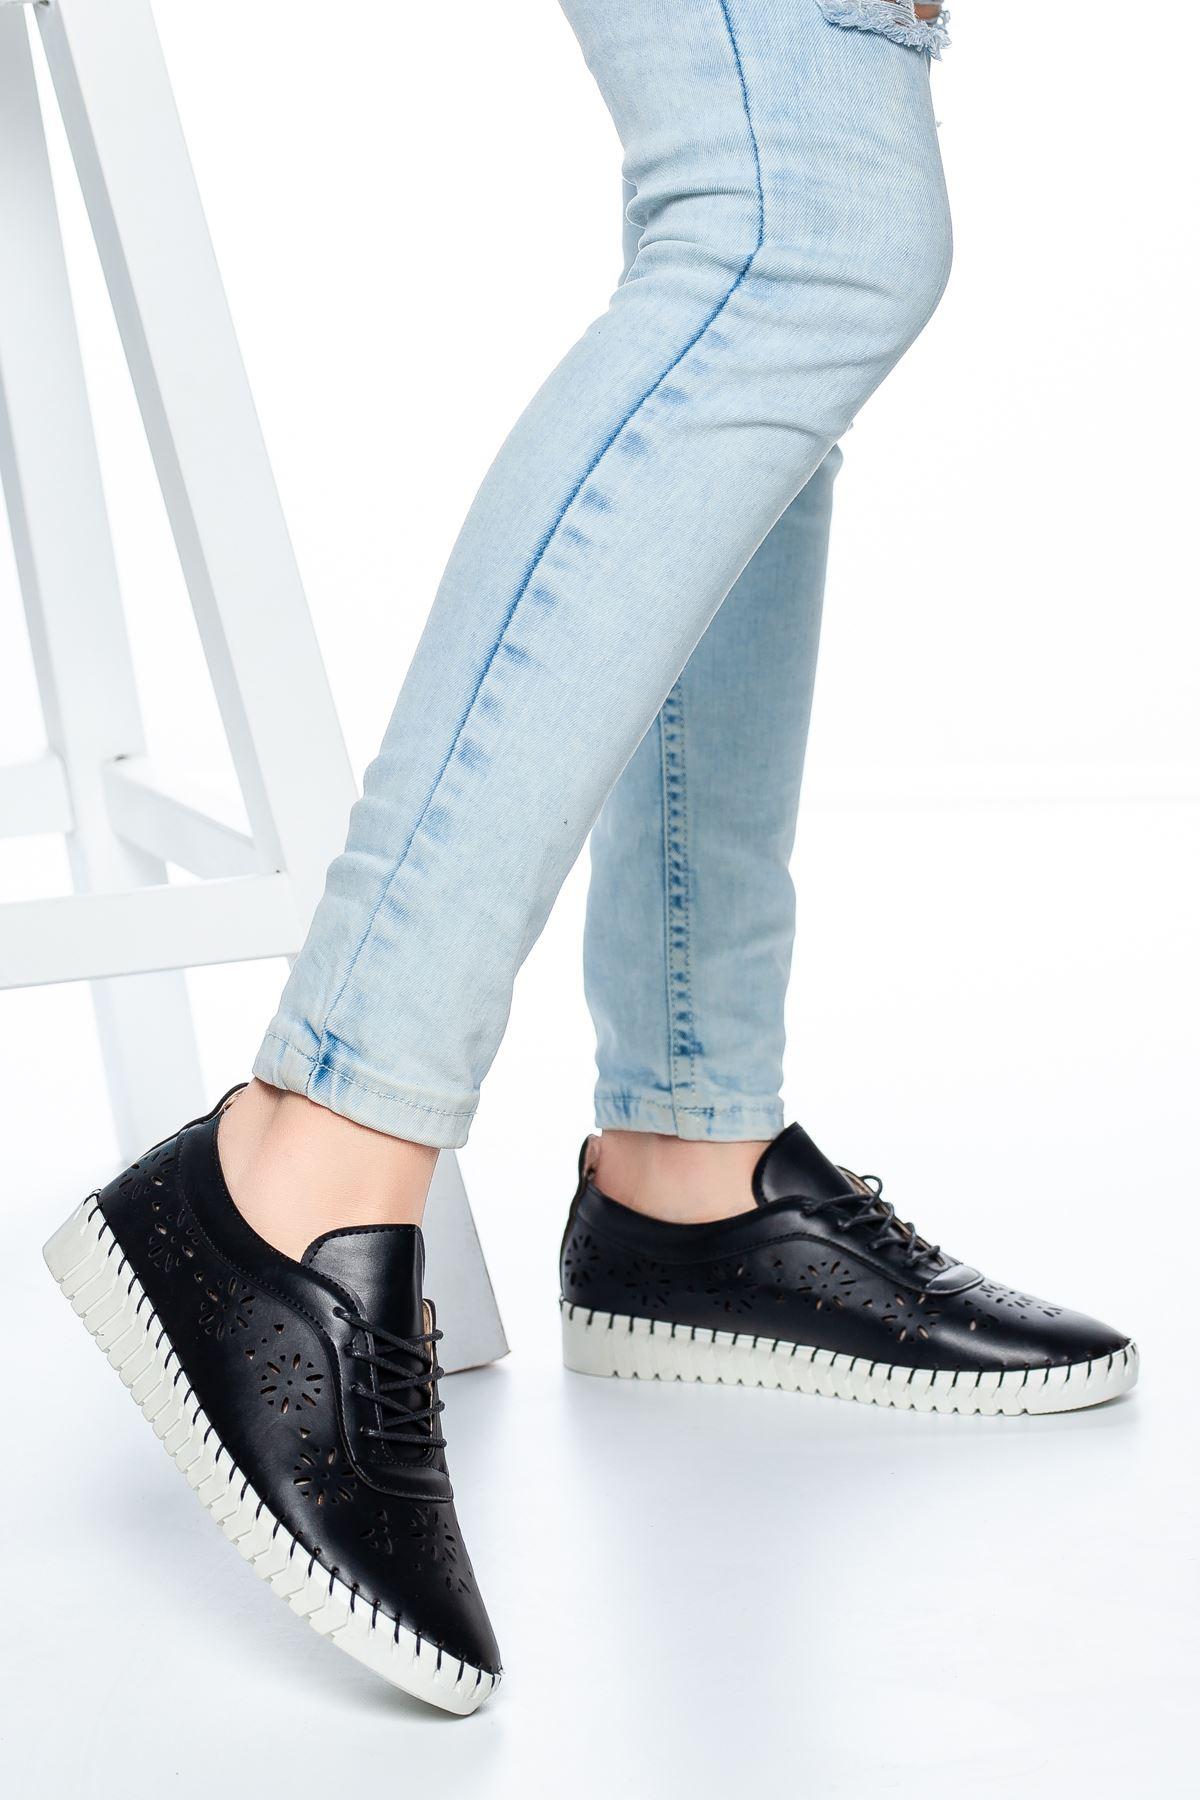 Desra Günlük Ayakkabı Siyah